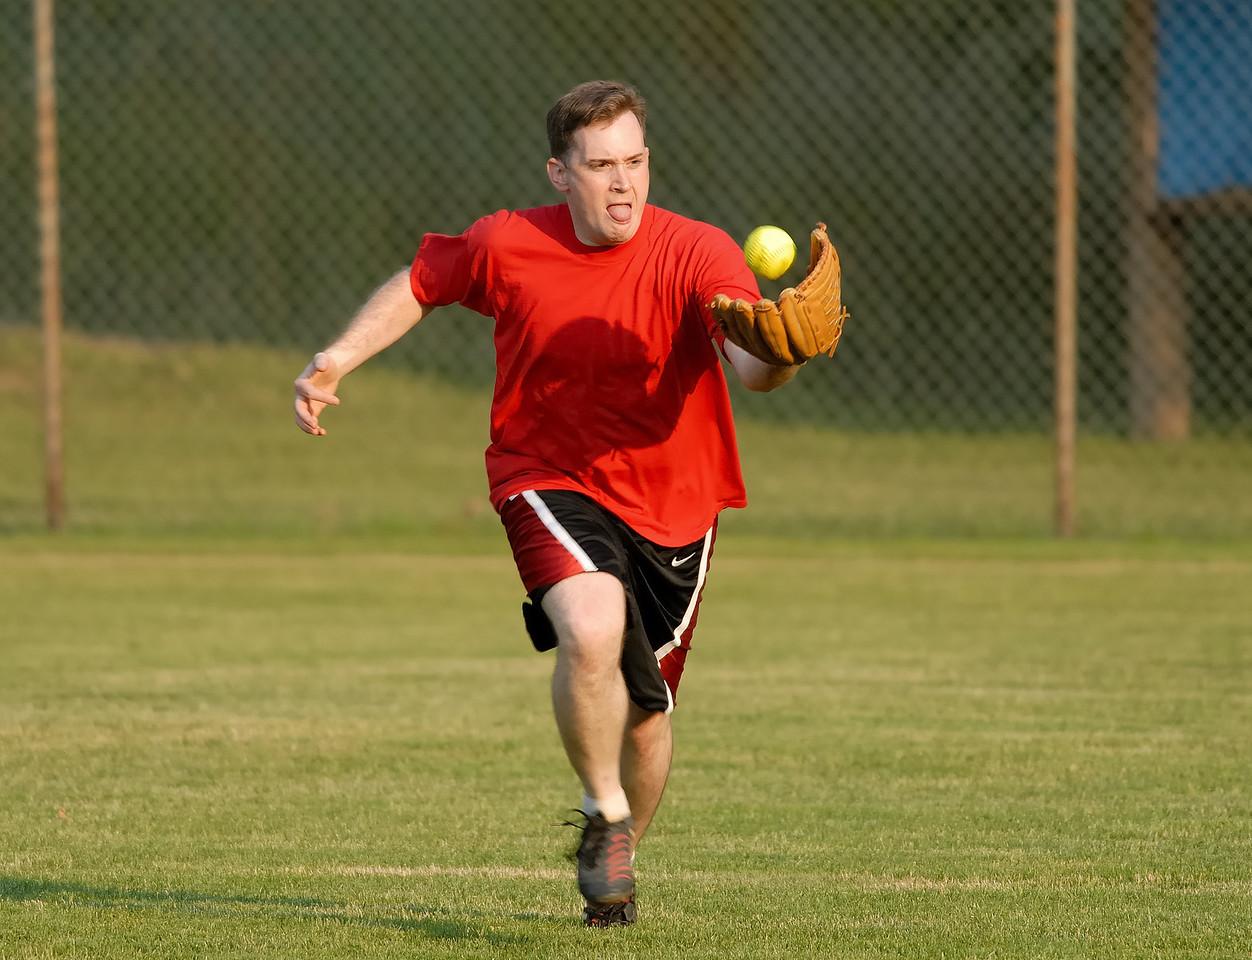 Drew catching (finally) a ball!